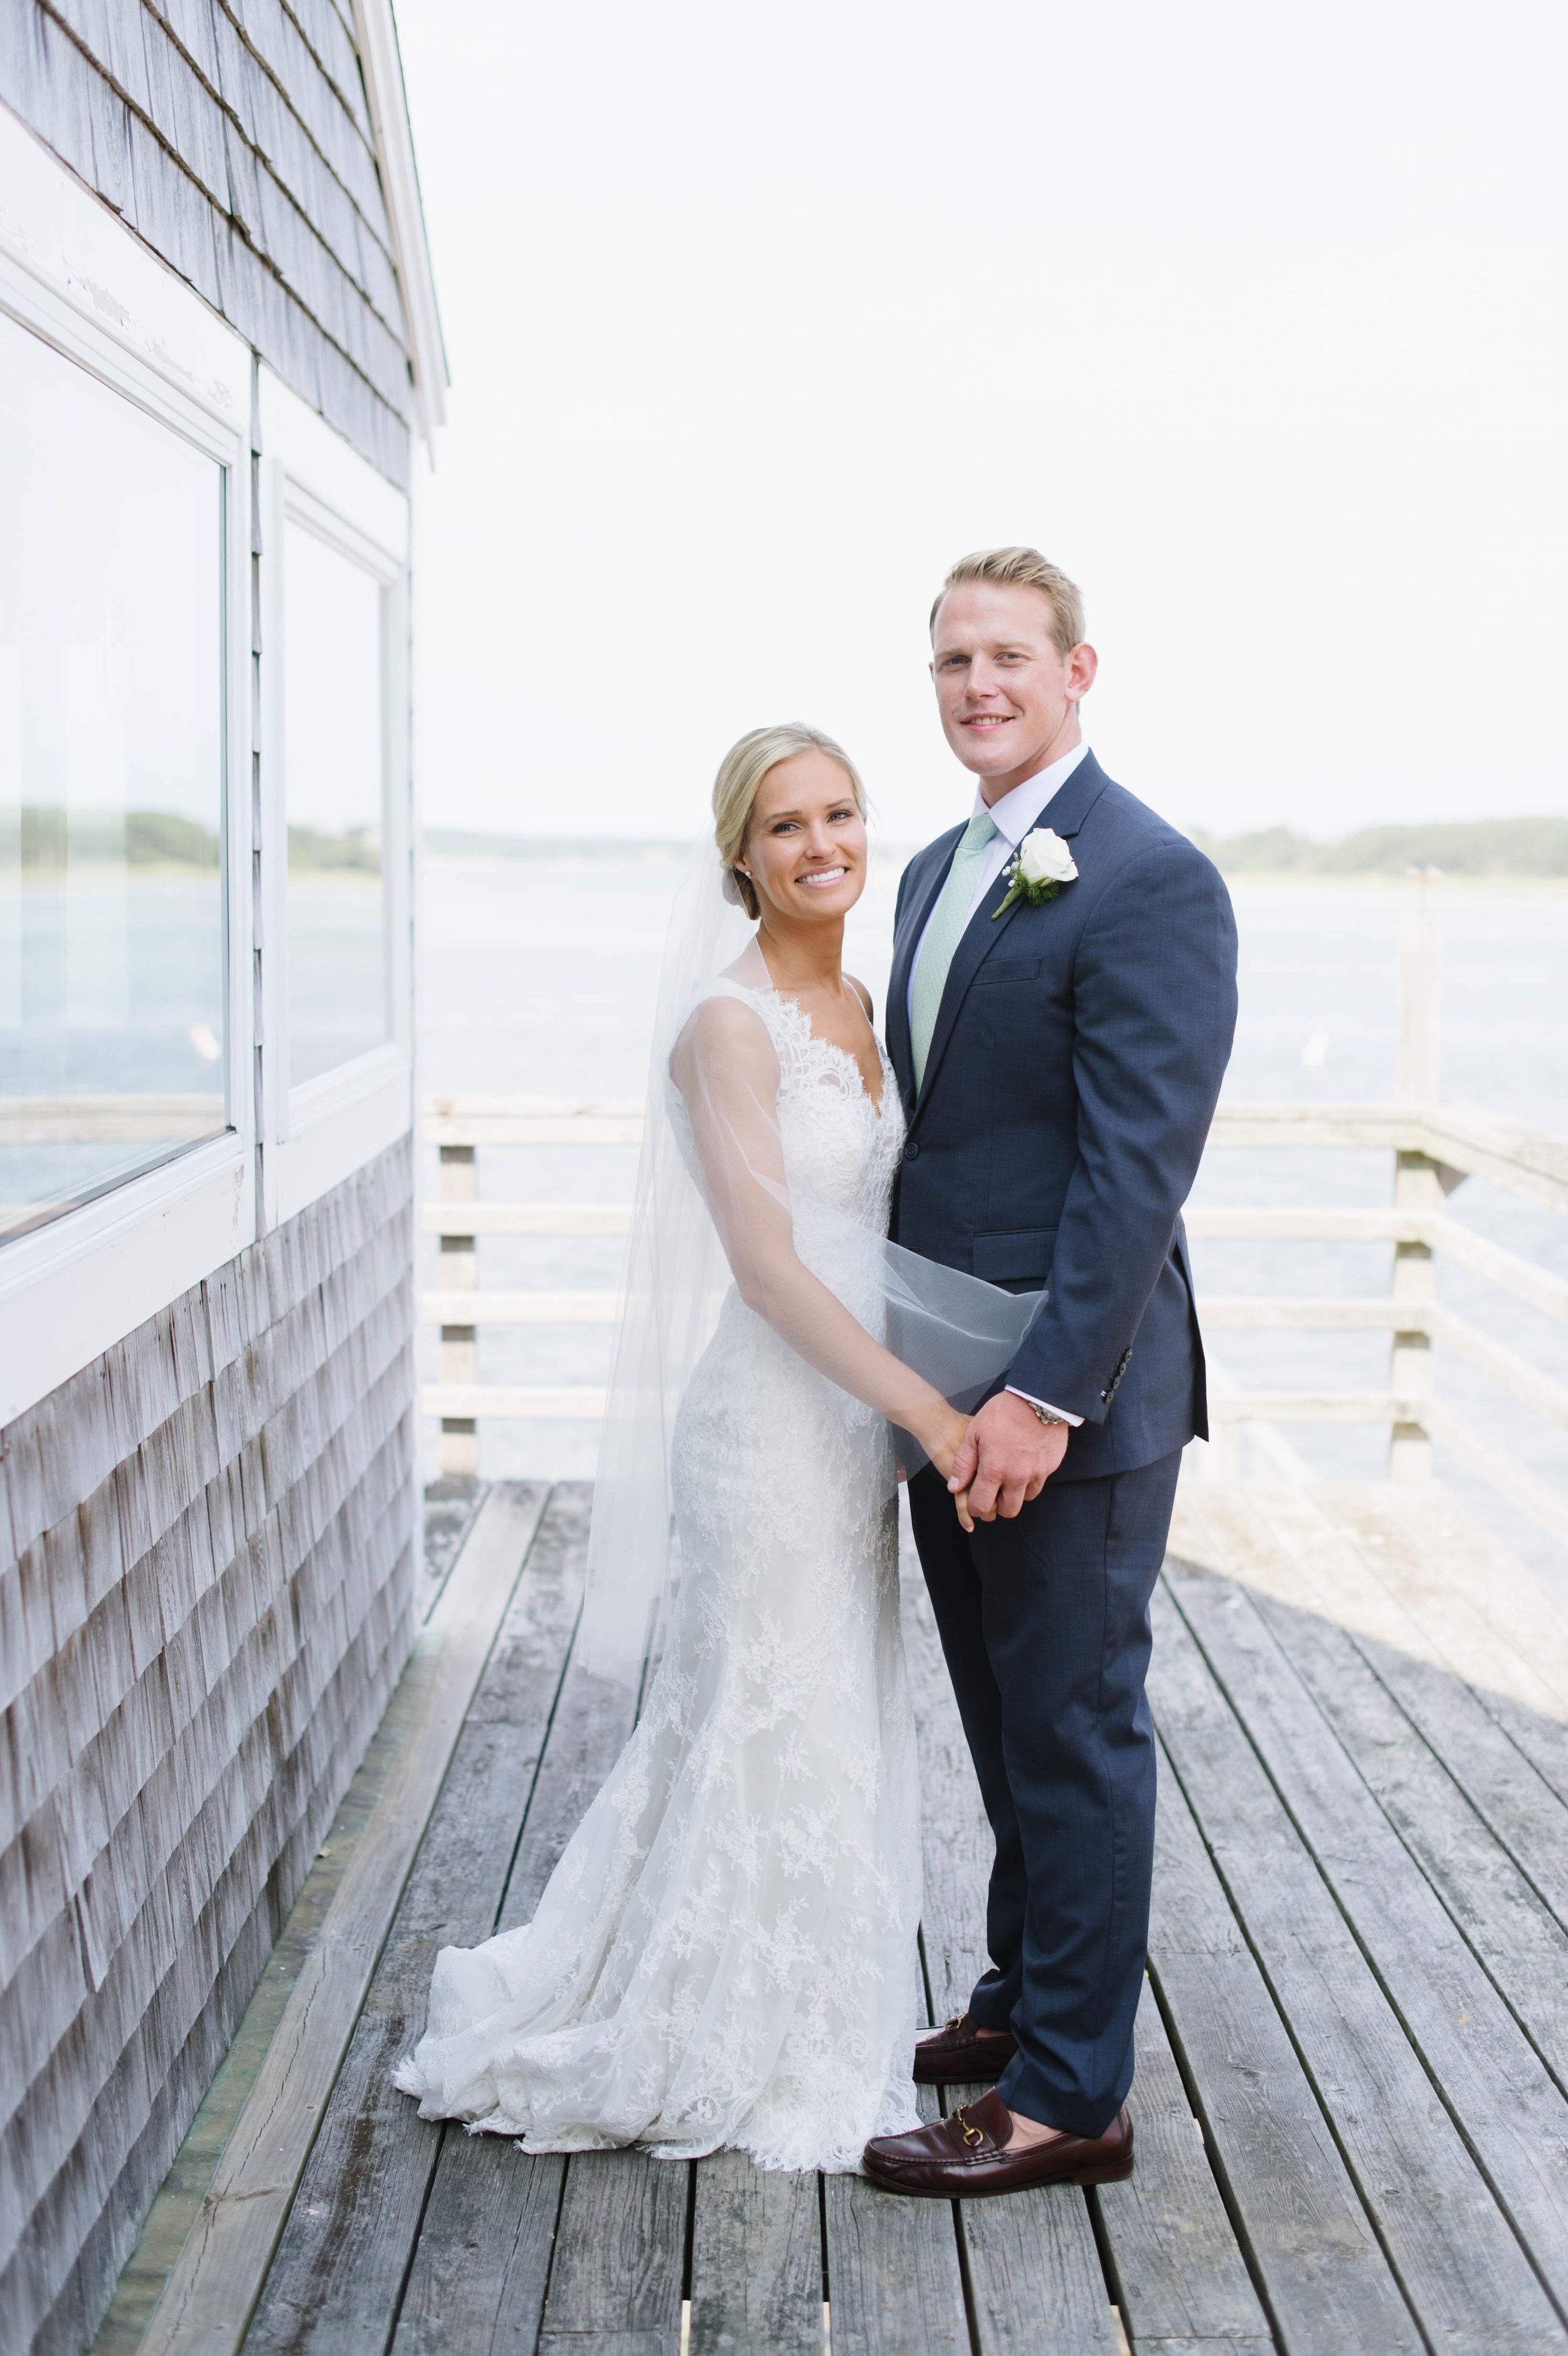 Garden-Wedding-Cape-Cod010.jpg